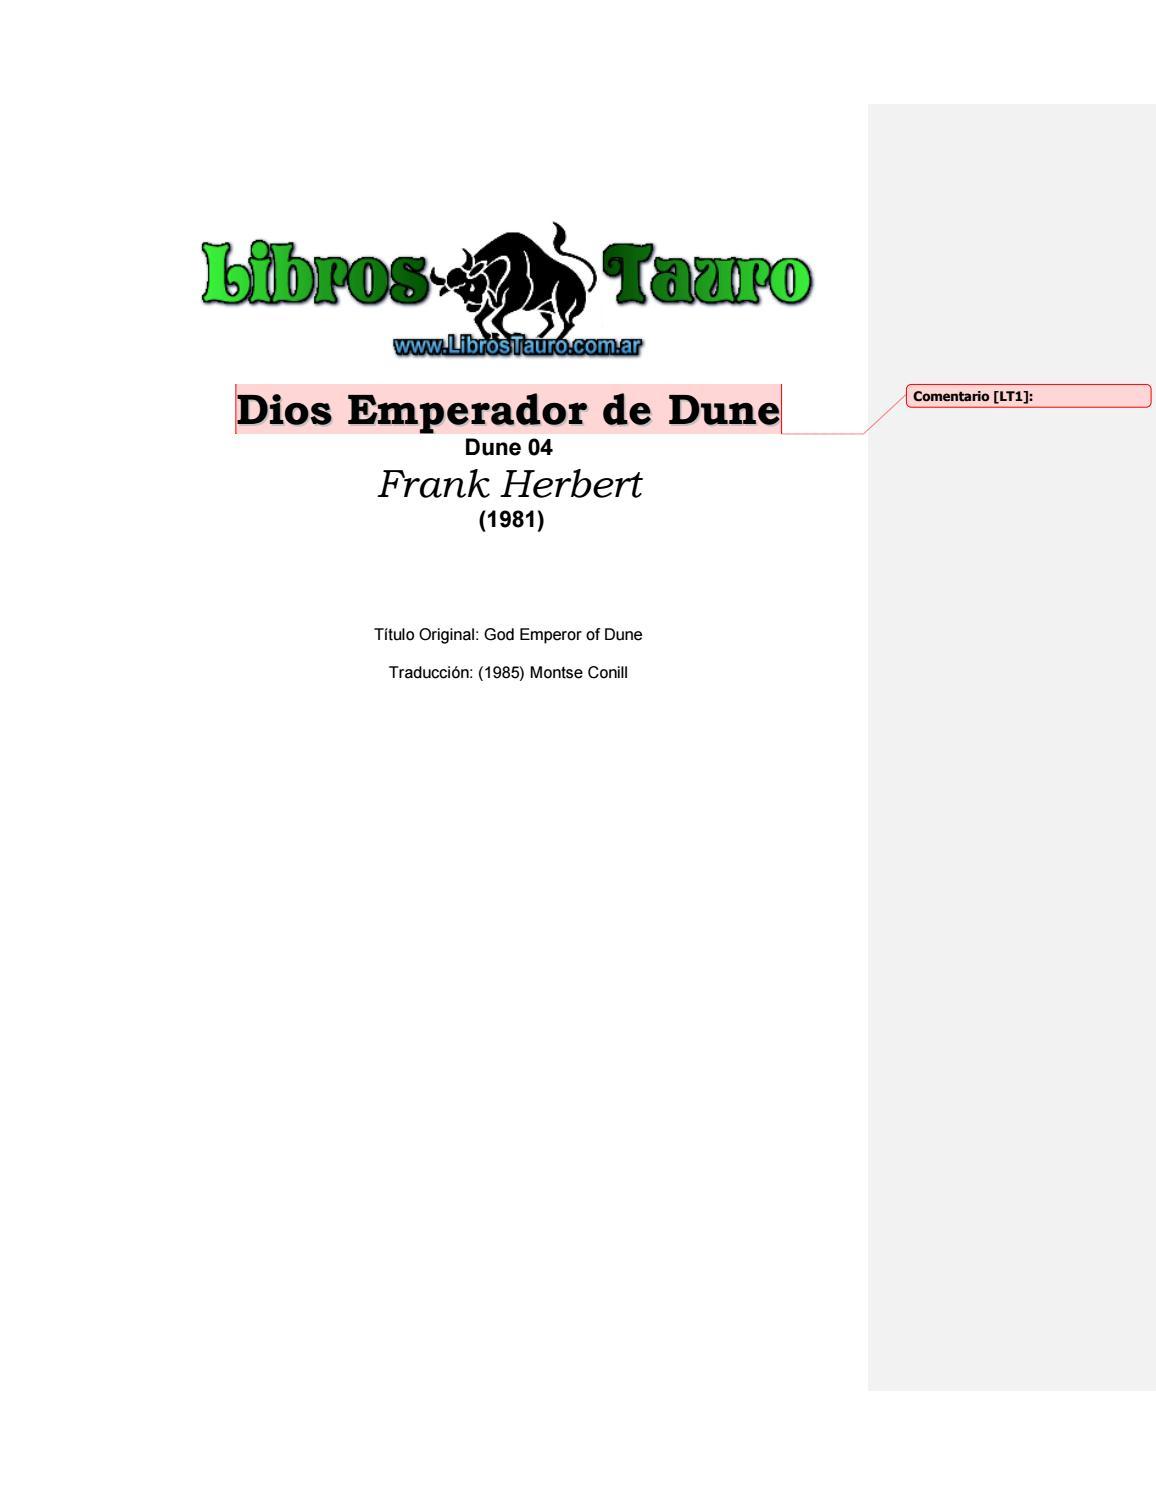 Magnífico Reanudar Lista De Habilidades Adorno - Ejemplo De ...